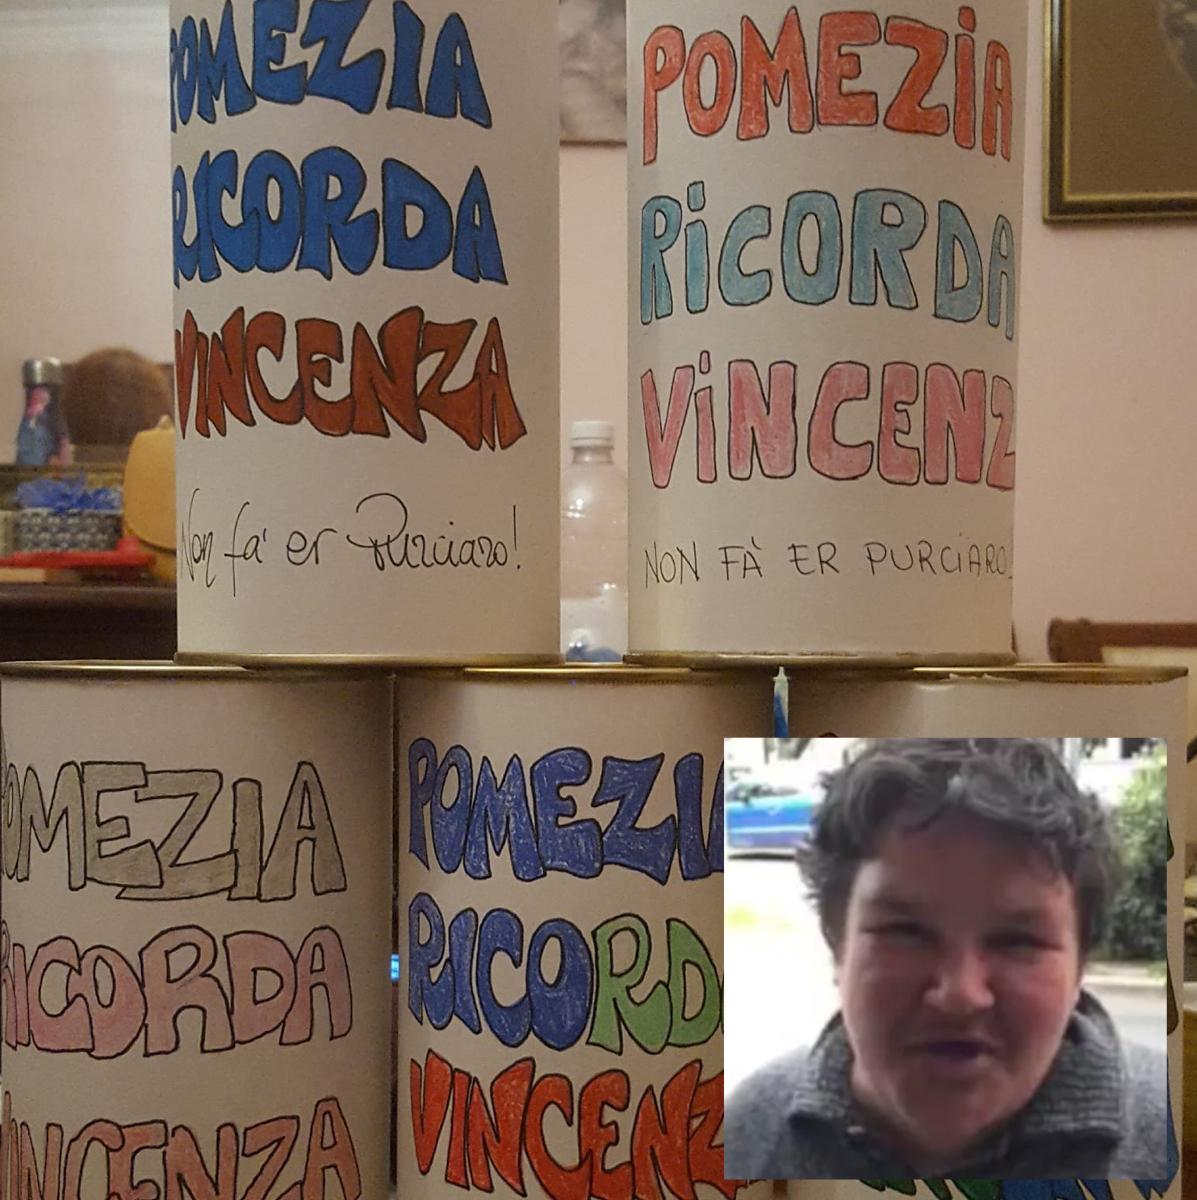 Pomezia, raccolta fondi per sostenere le spese per il funerale di 'Vincenzina': Il Corriere della Città partecipa alla raccolta e invita tutti i cittadini. Ecco come fare